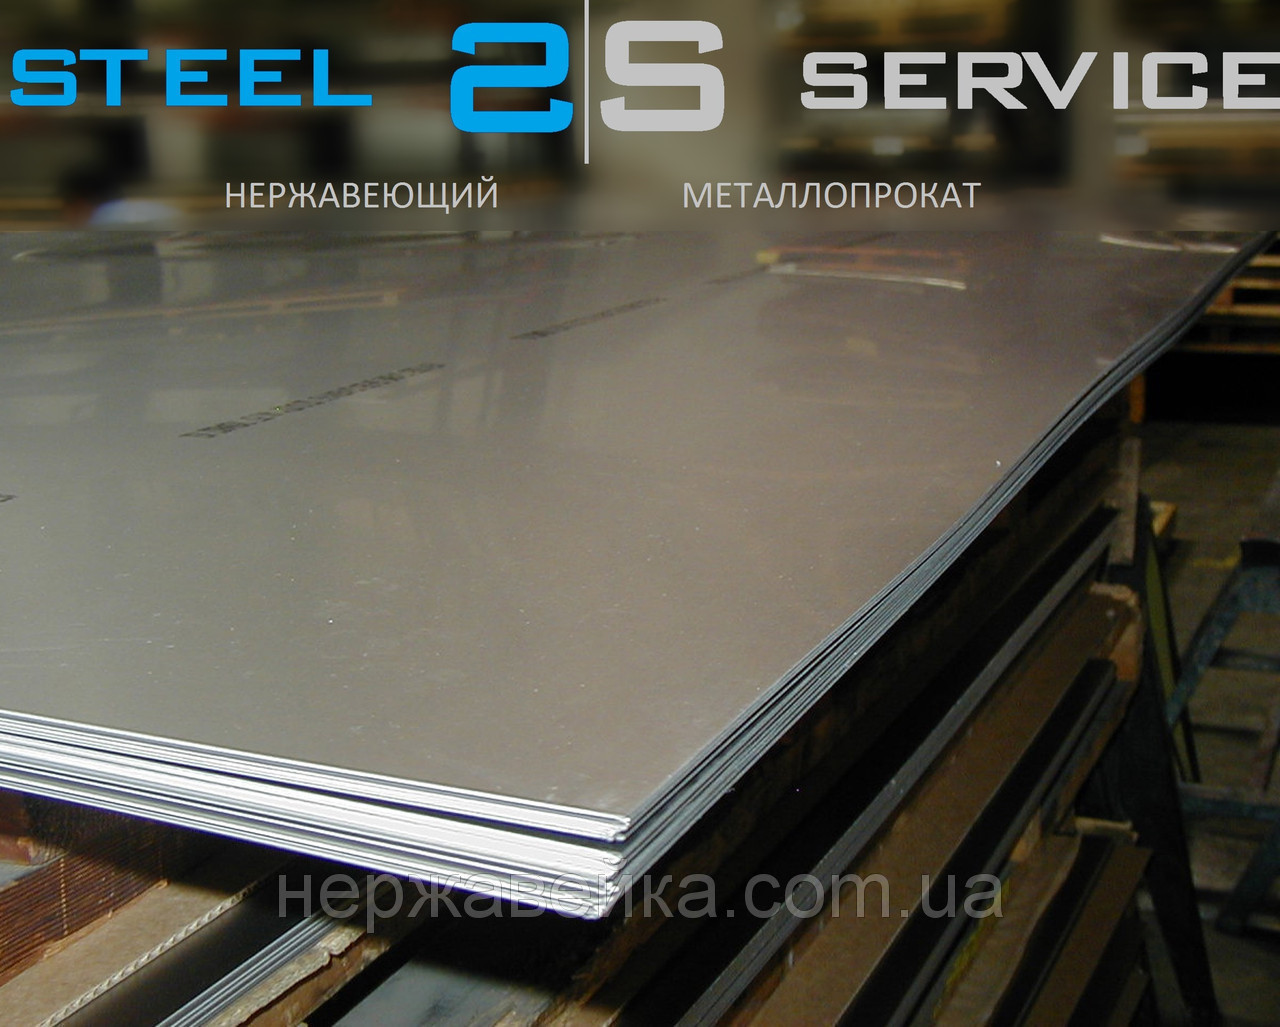 Нержавеющий лист 3х1250х2500мм  AISI 309(20Х23Н13, 20Х20Н14С2) 2B - матовый,  жаропрочный